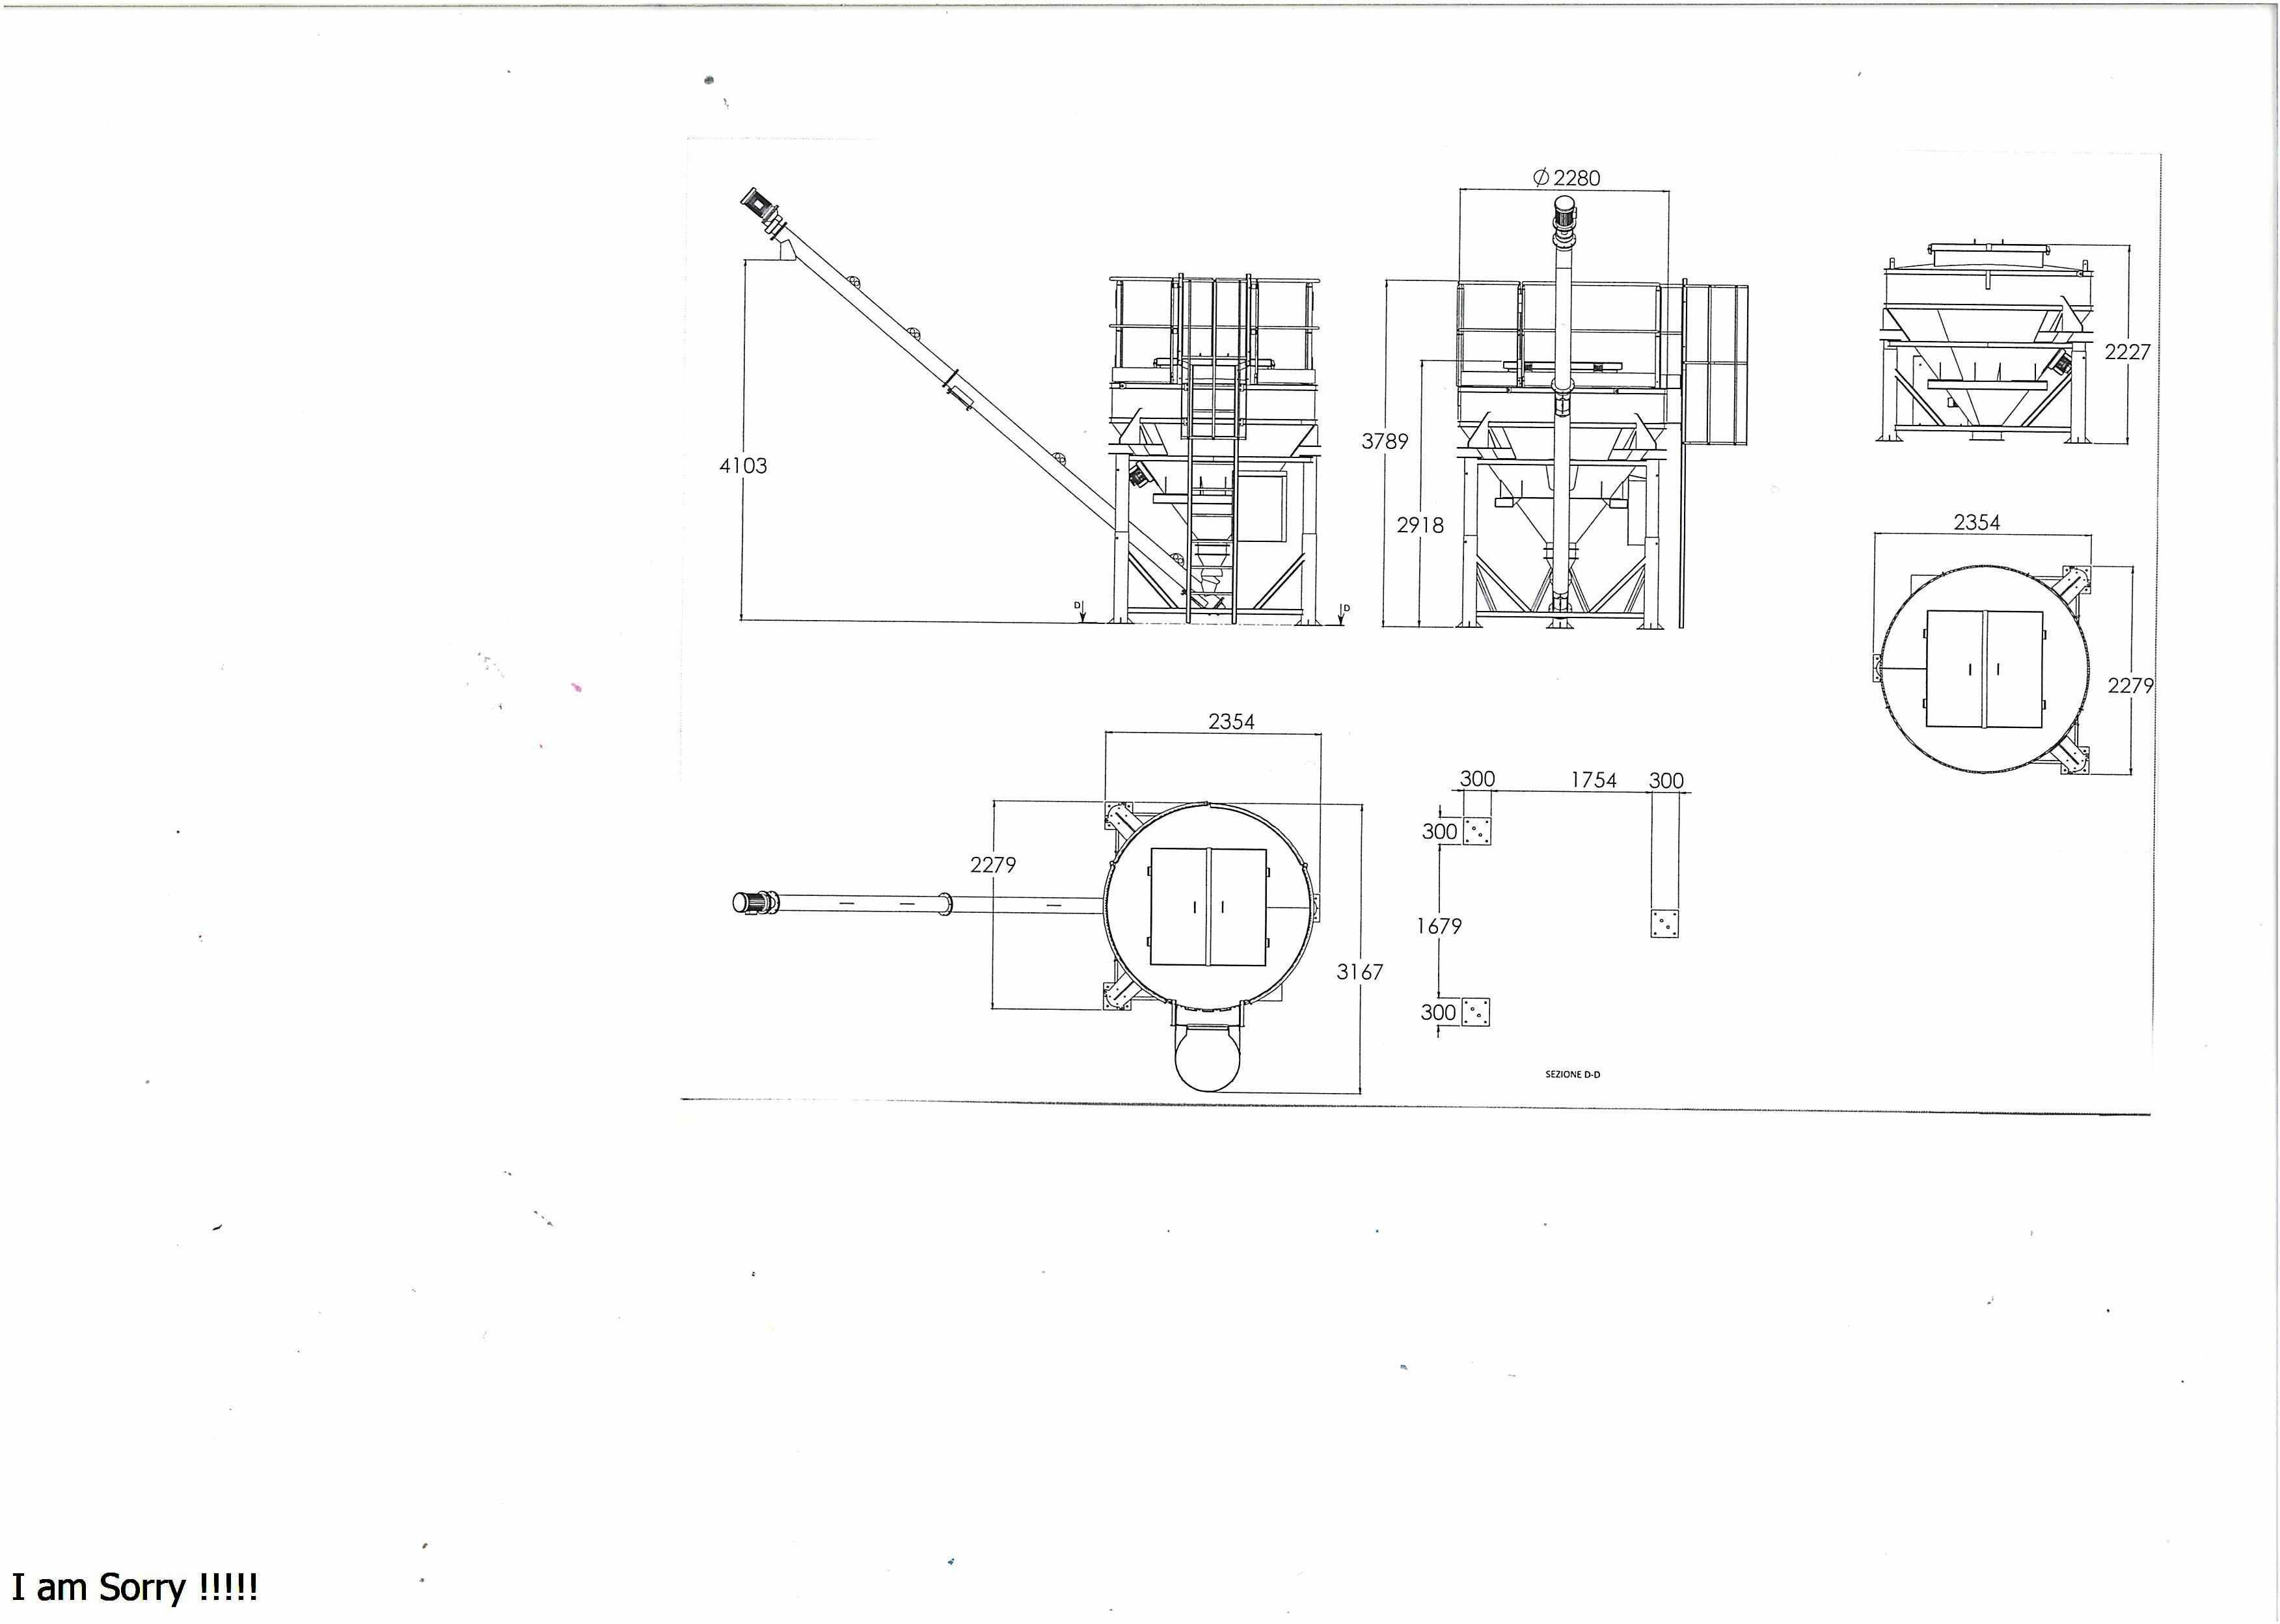 Emailing 3 m3  Small Hopper silo